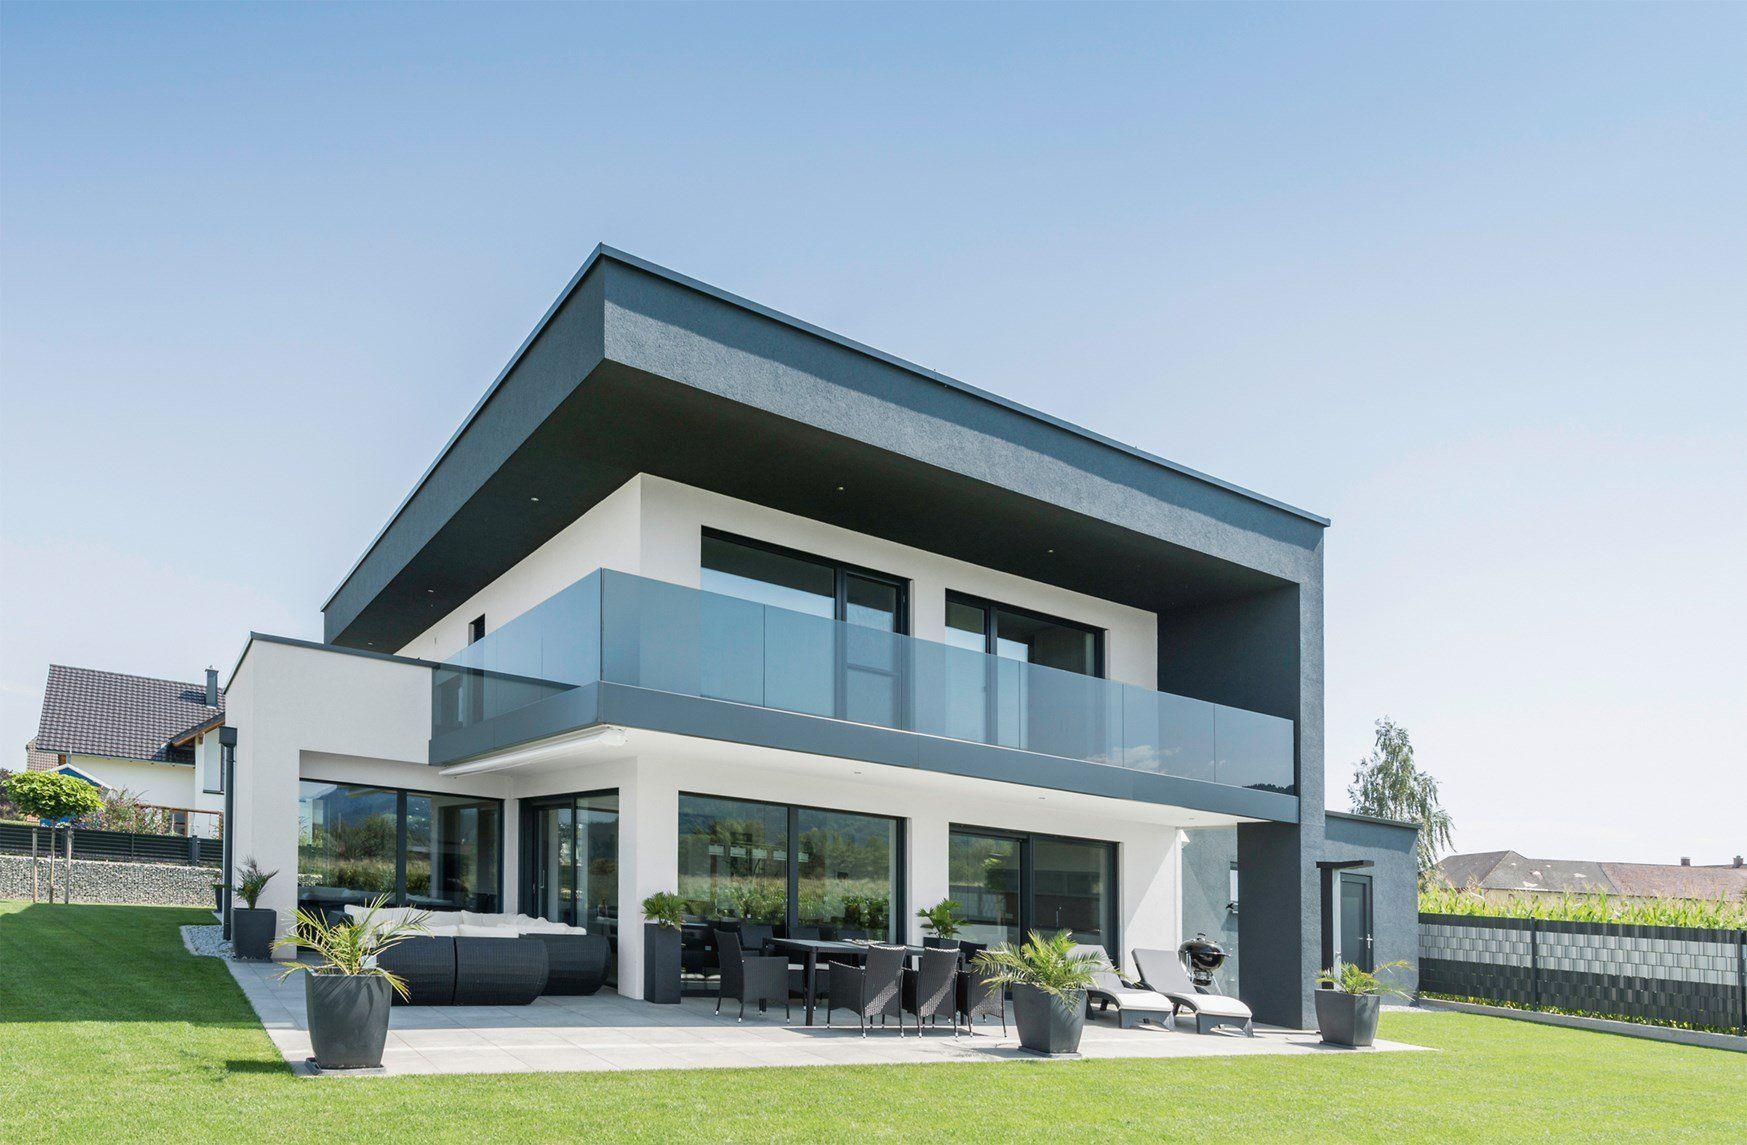 Comfort e risparmio energetico più facili con le finestre Internorm